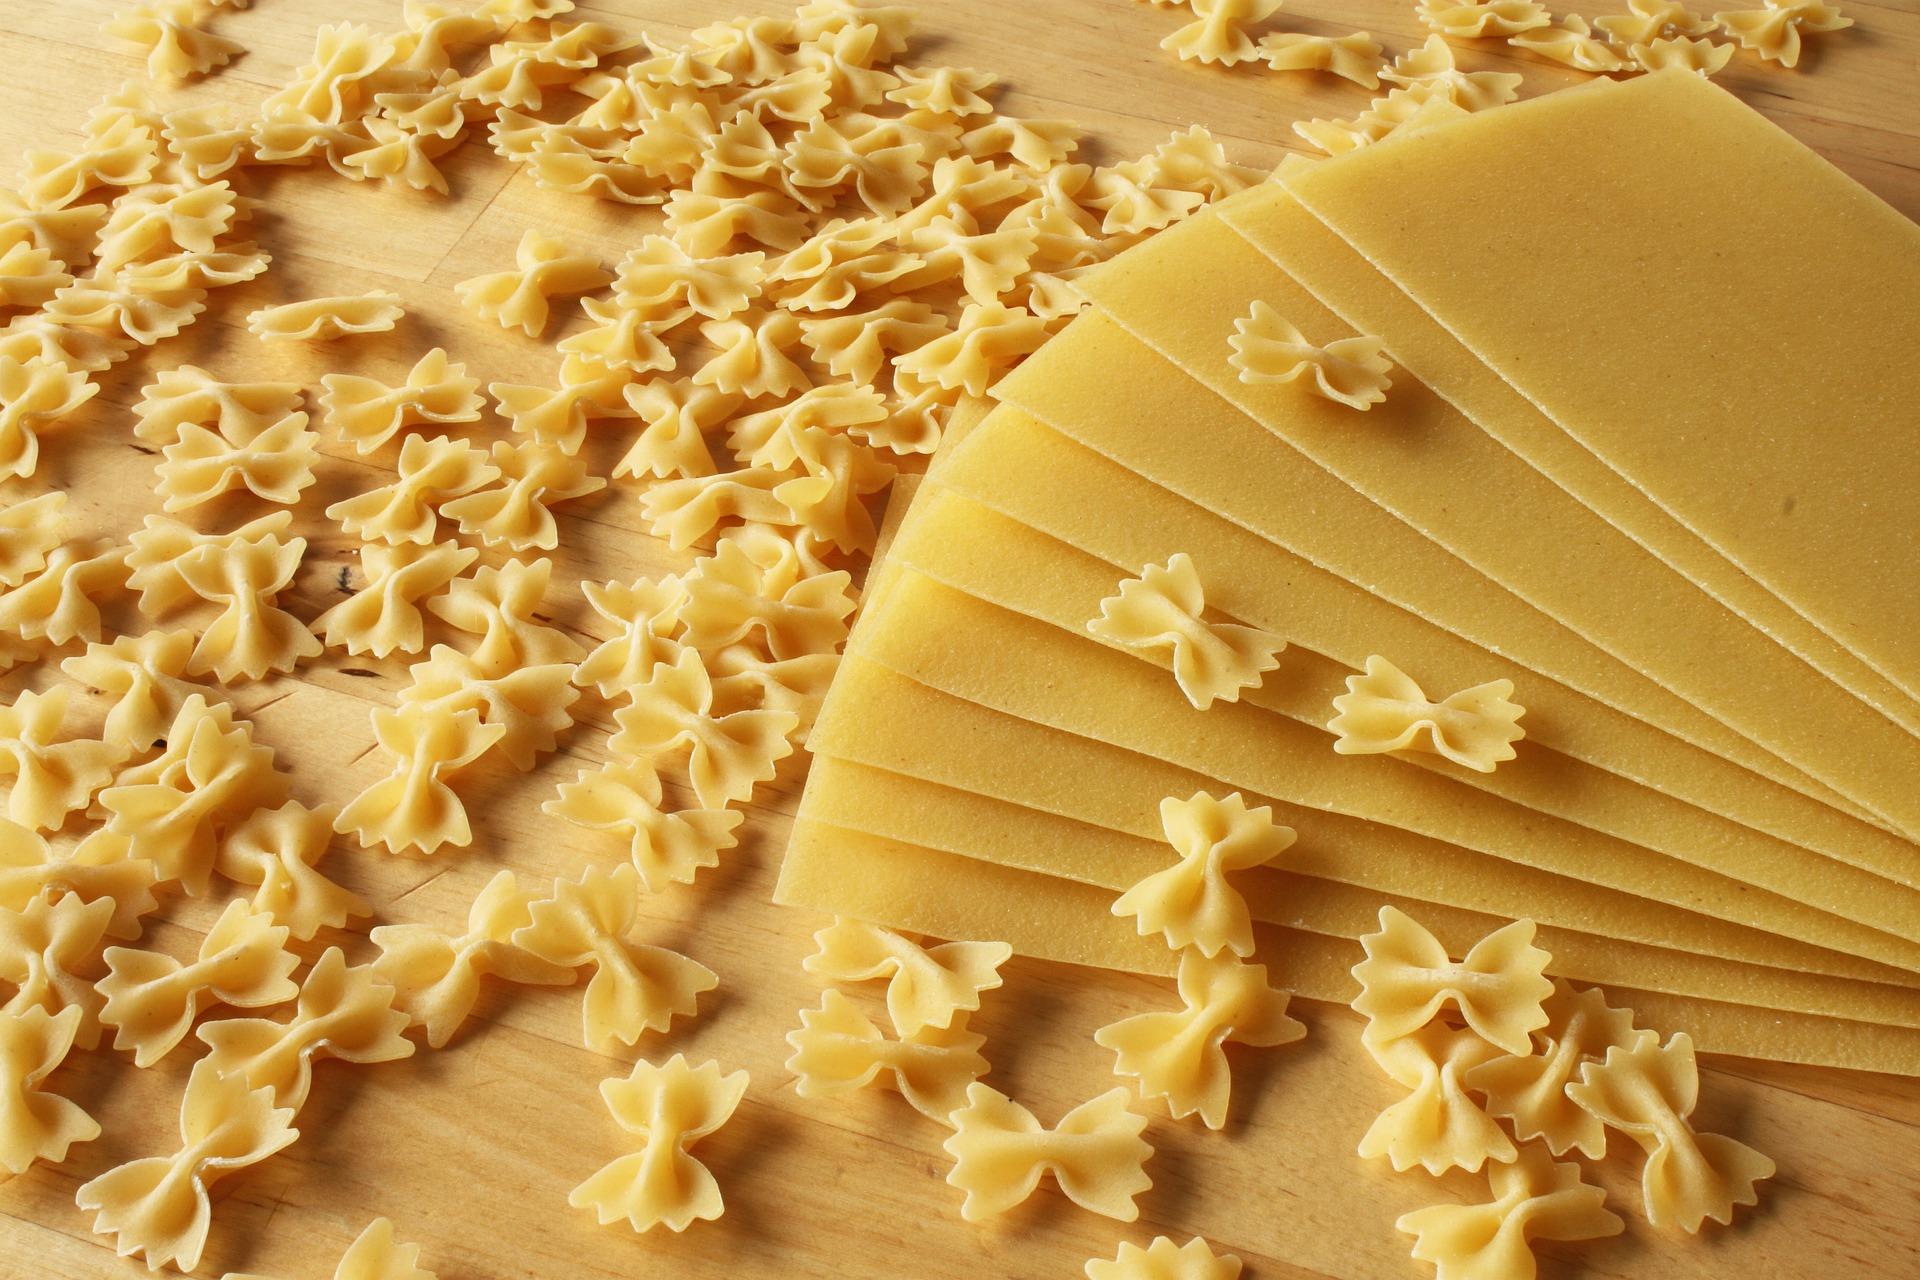 el trigo está presente en muchos alimentos